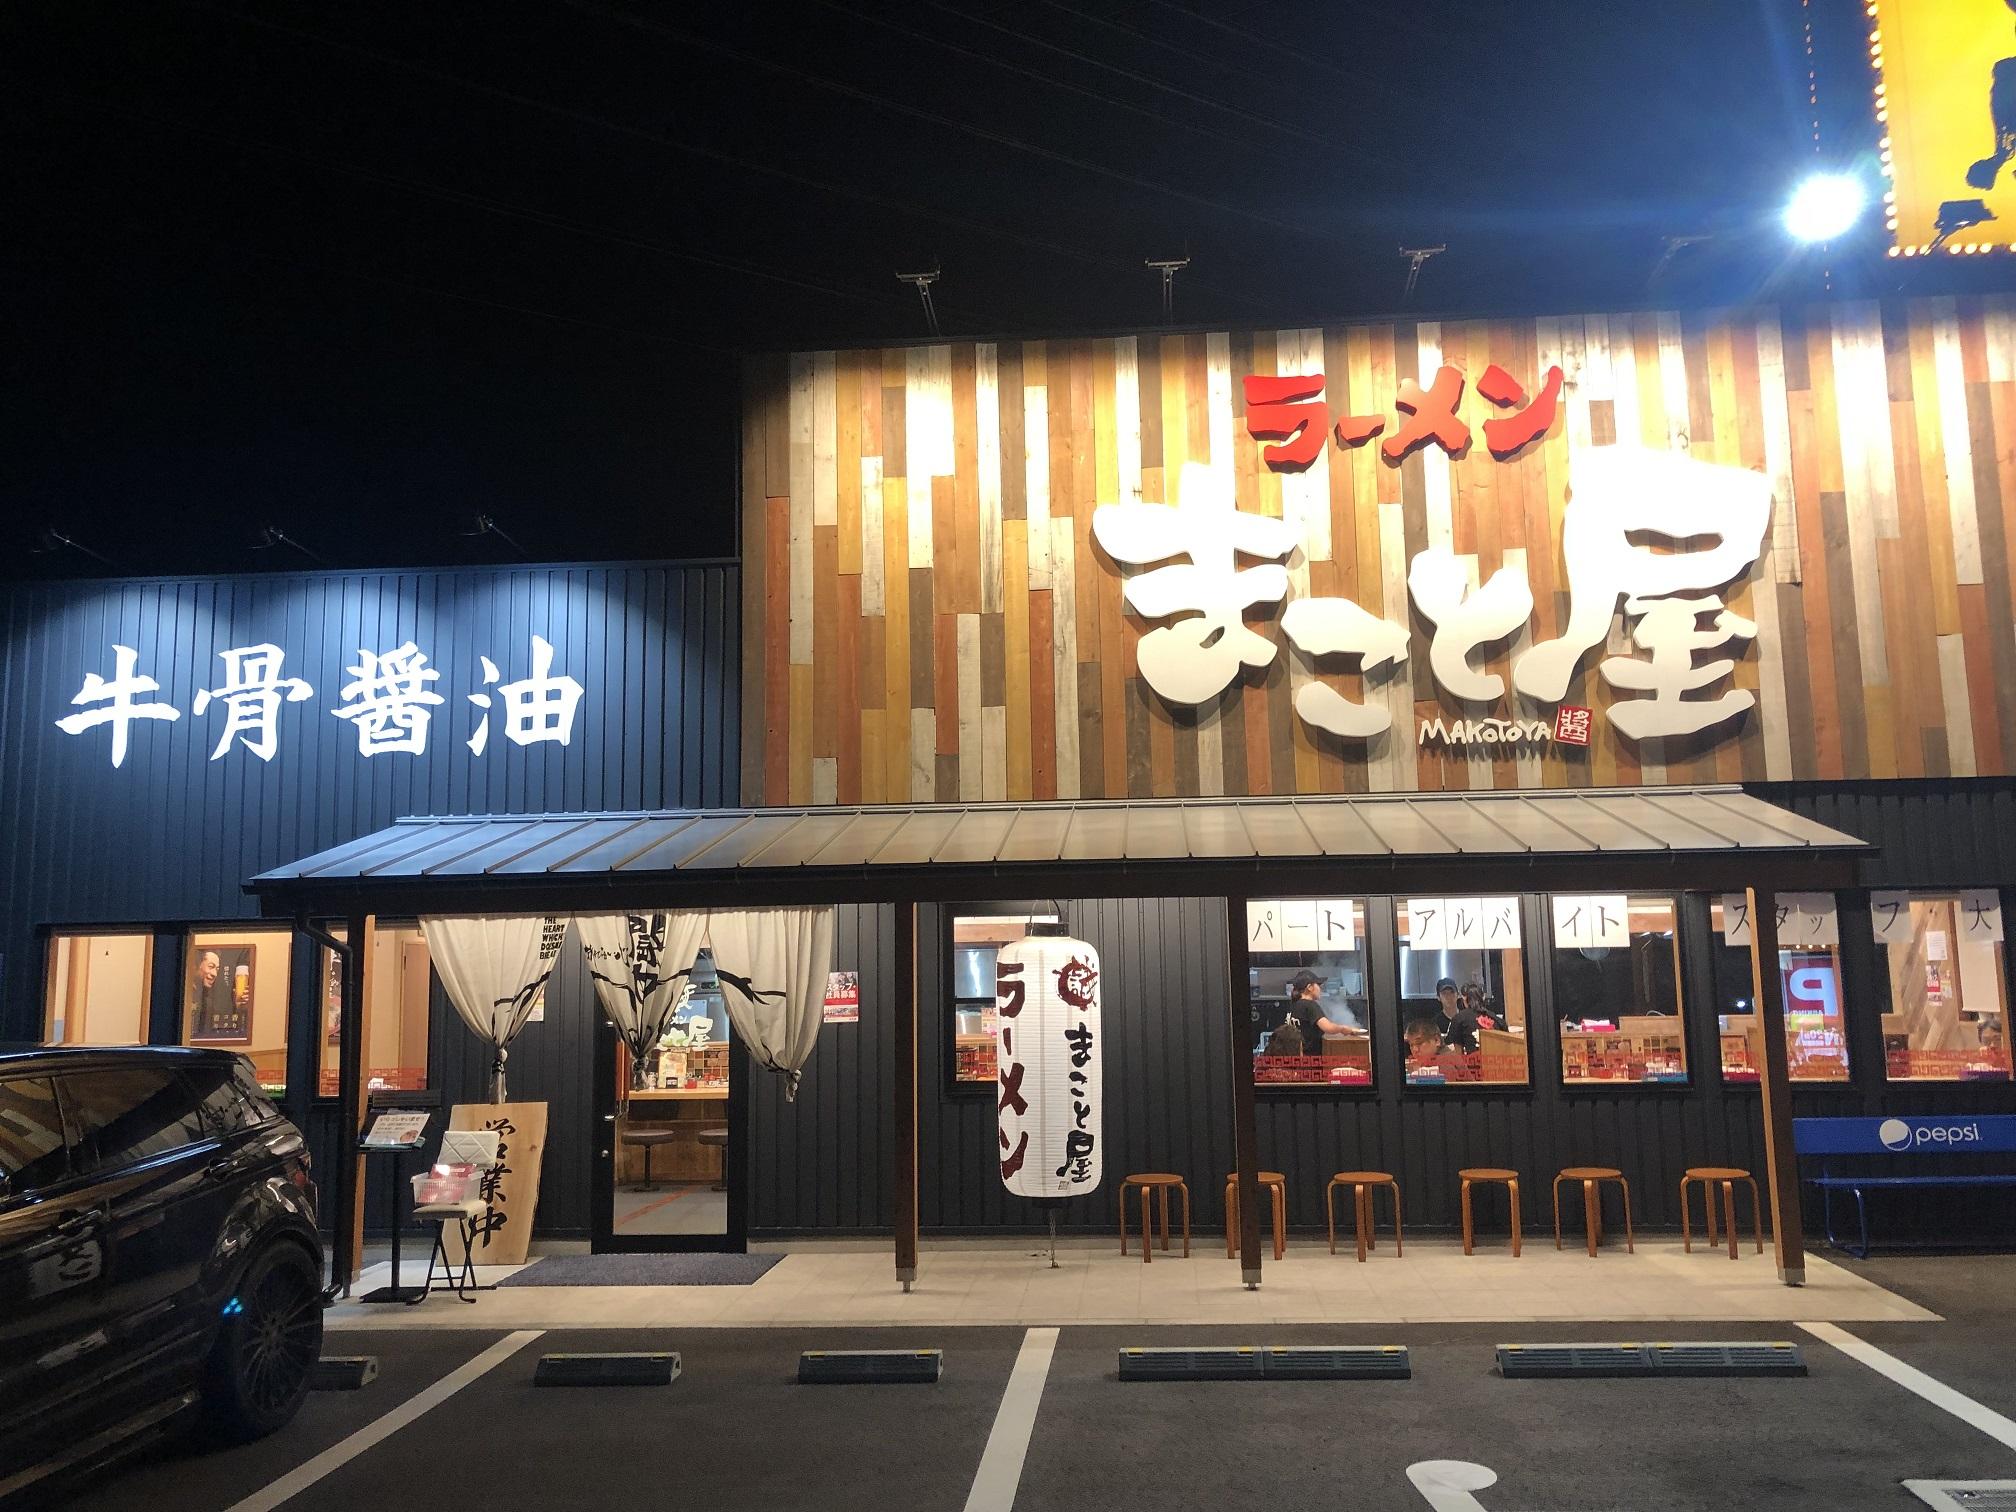 ラーメンまこと屋 羽曳野尺度外環店(大阪府羽曳野市/ラーメン